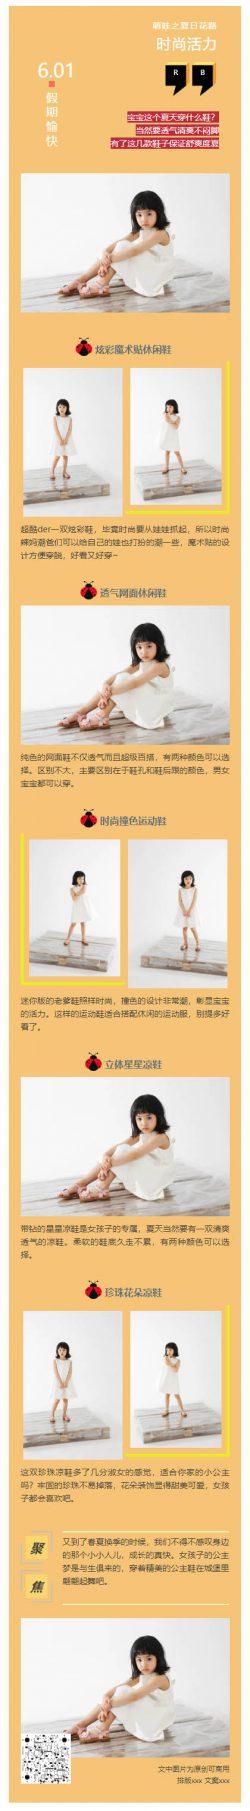 萌娃黄色背景微信公众号图文模板儿童可爱幼儿园